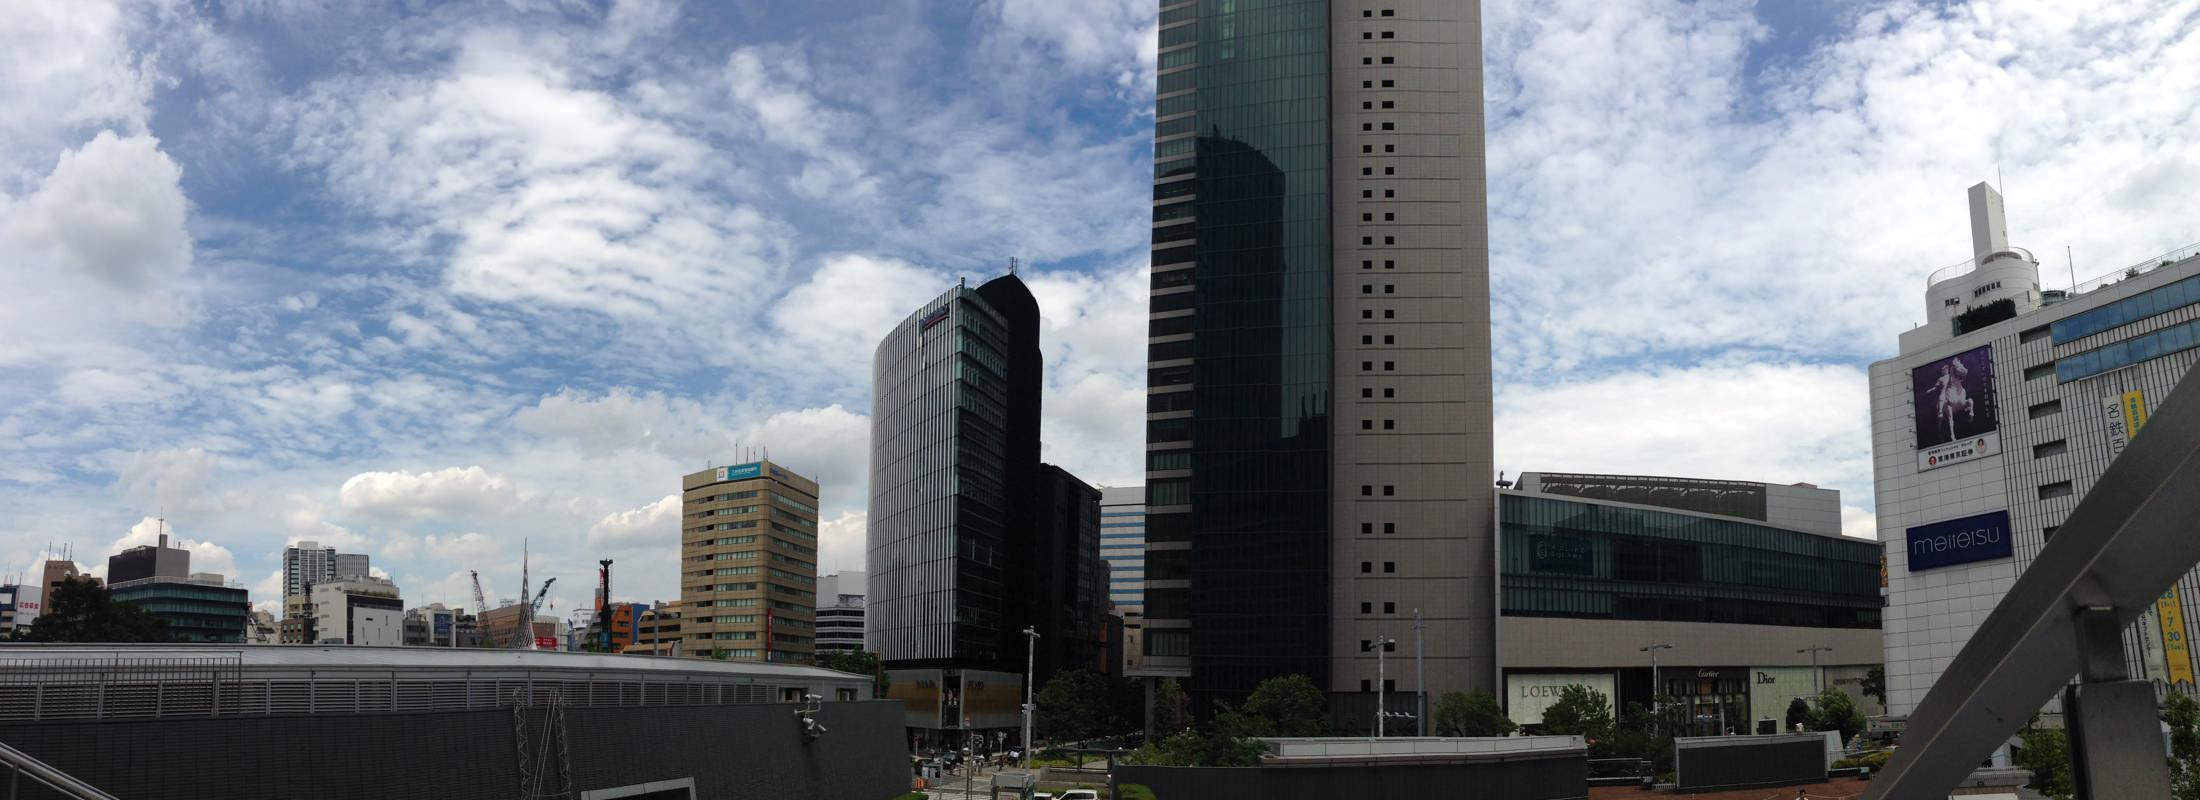 Nagoya Station - Midland Square